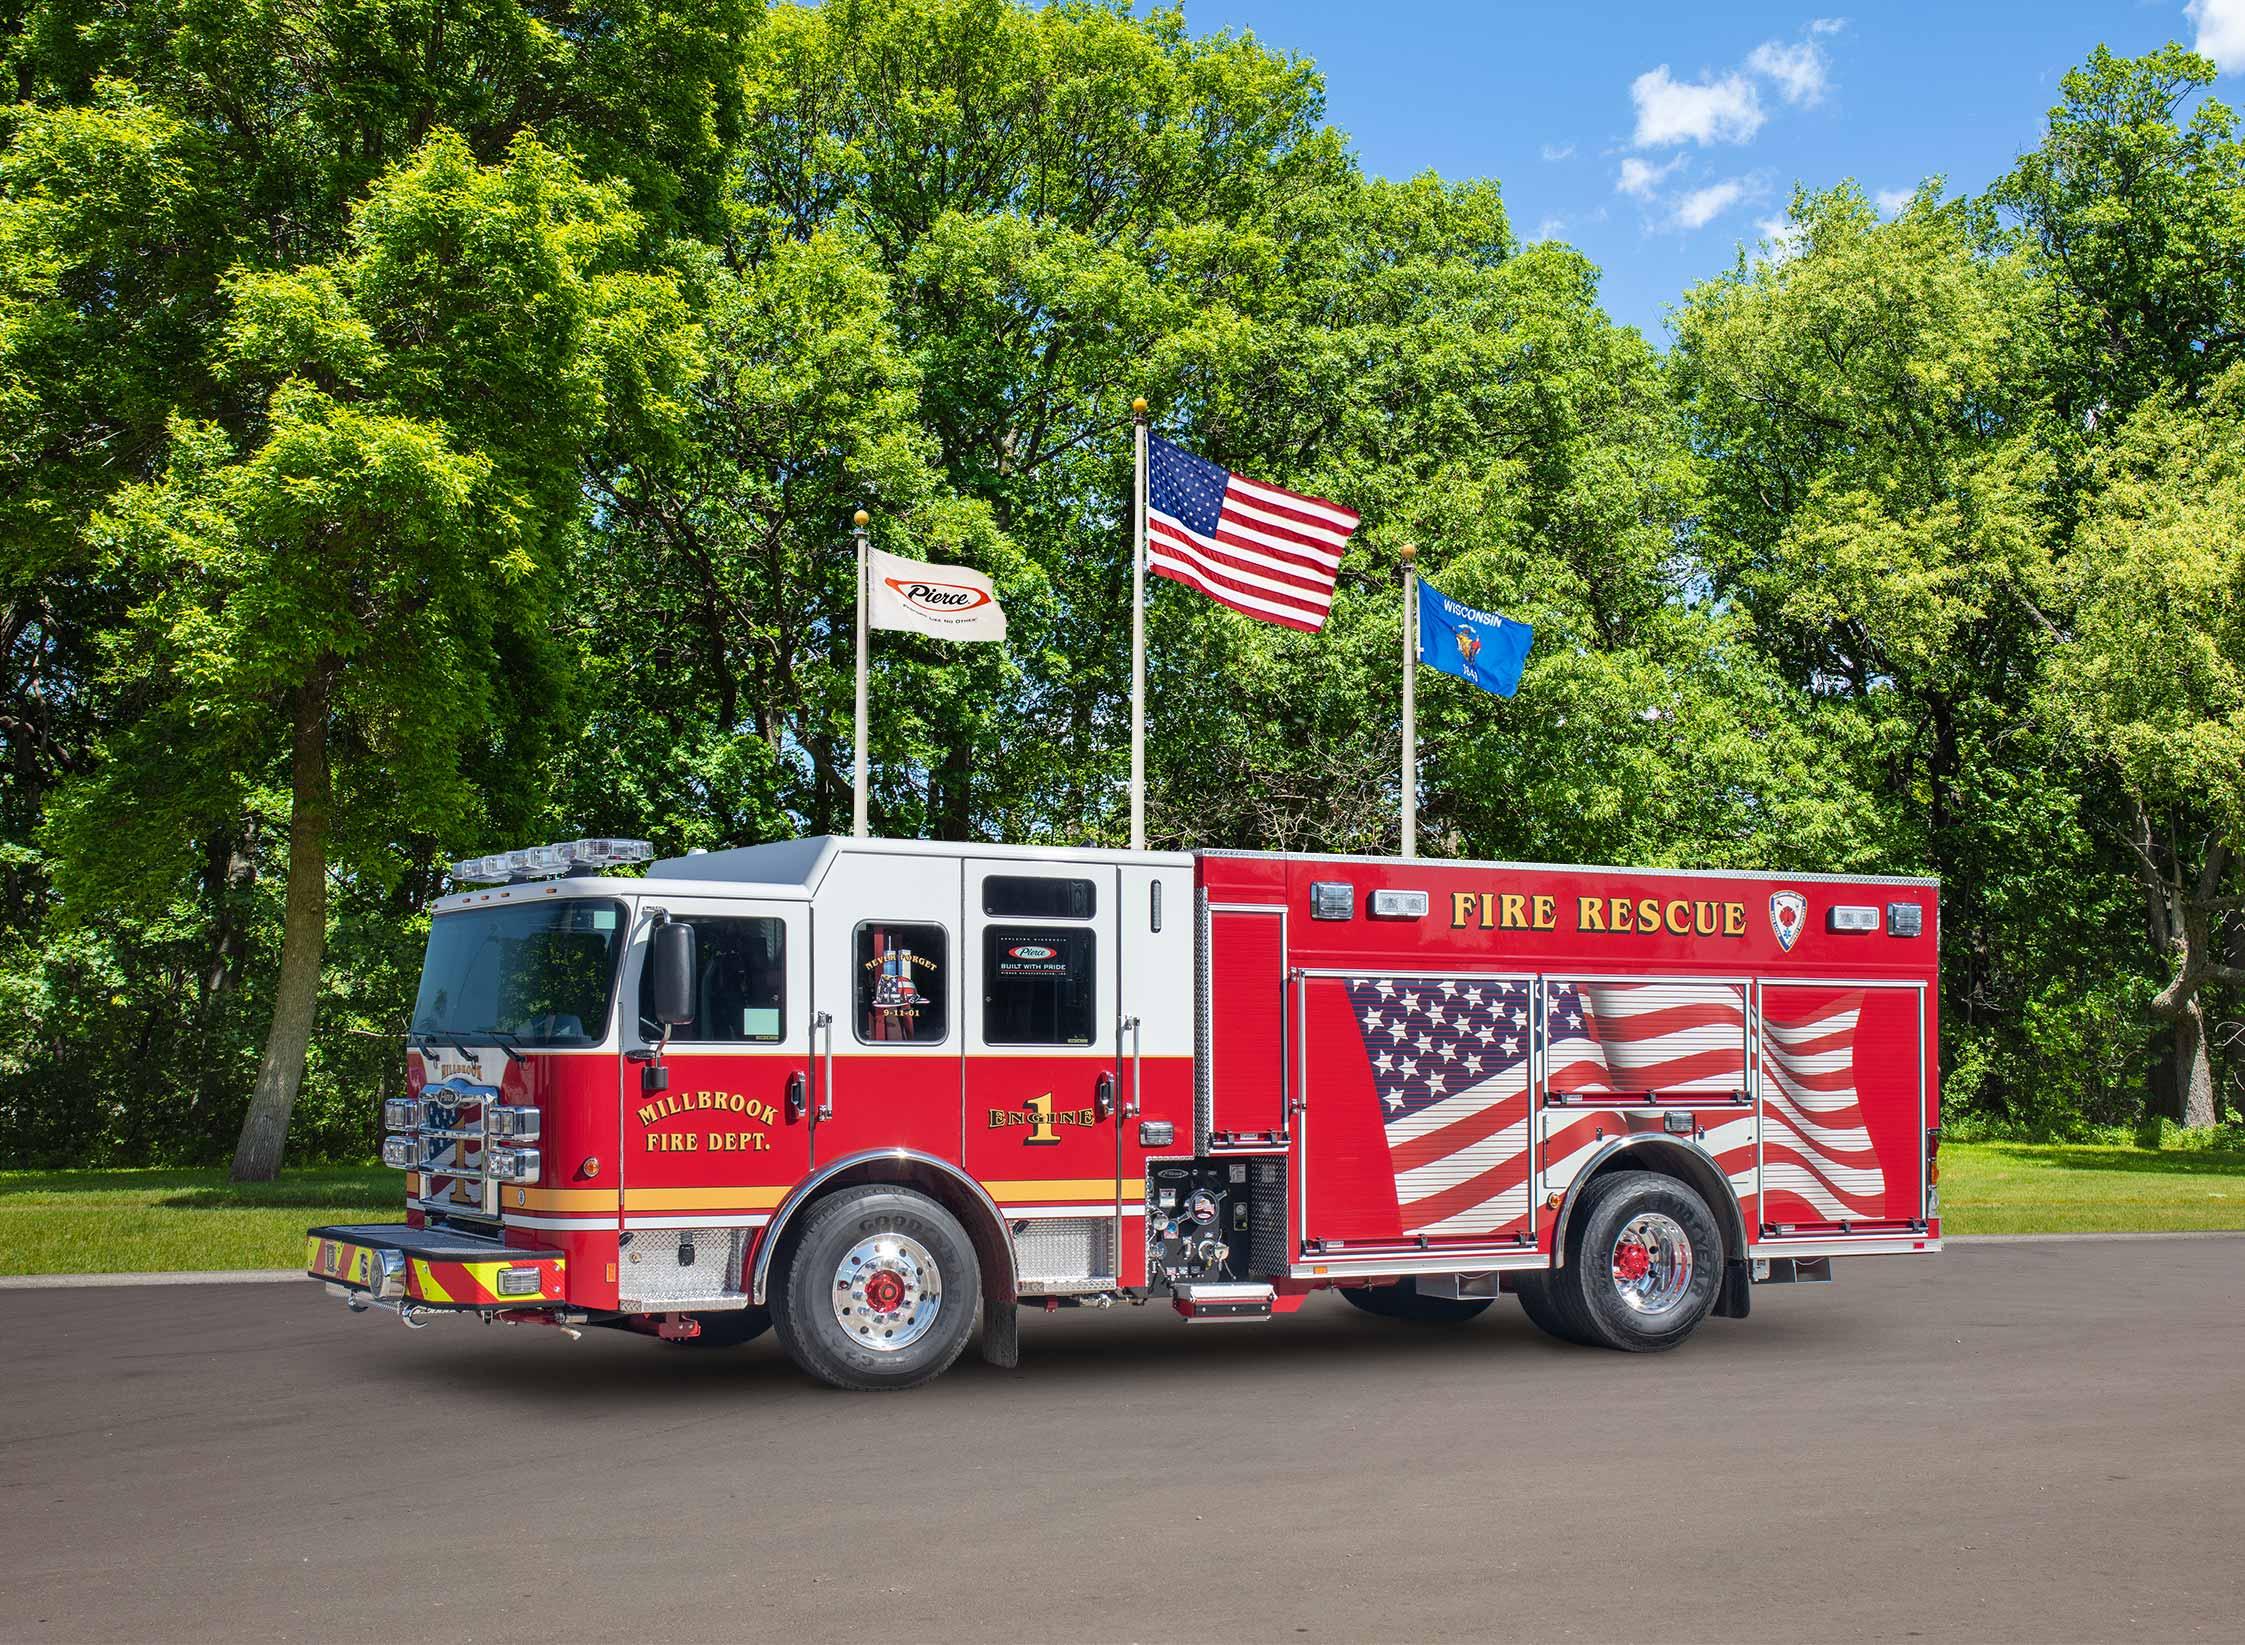 Millbrook Fire Department - Pumper